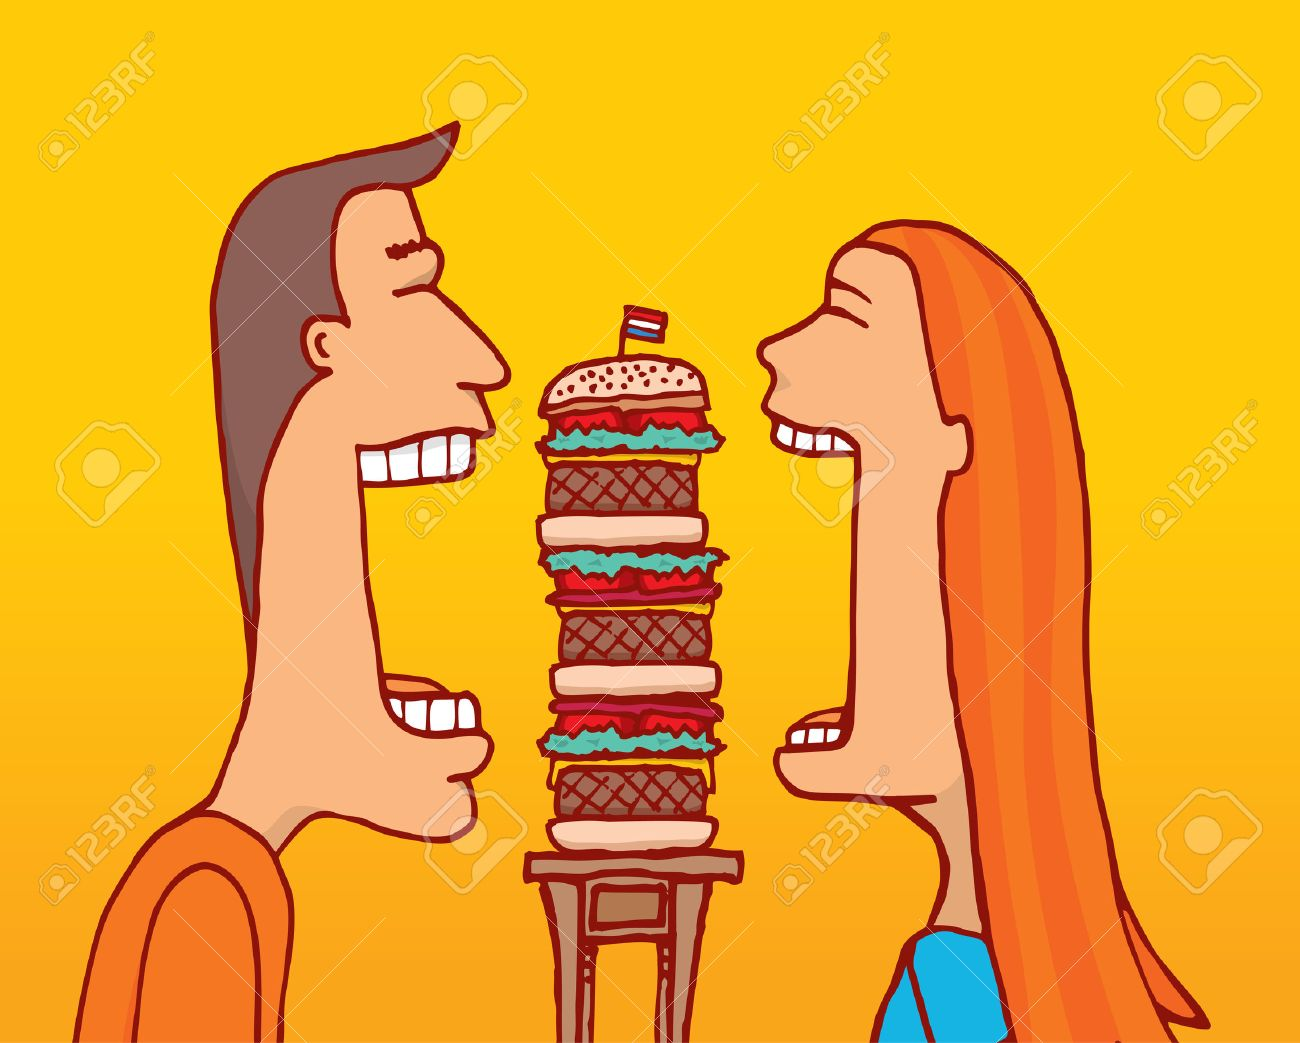 Ilustración de dibujos animados de pareja compartiendo una enorme hamburguesa con enorme boca Foto de archivo - 40507213